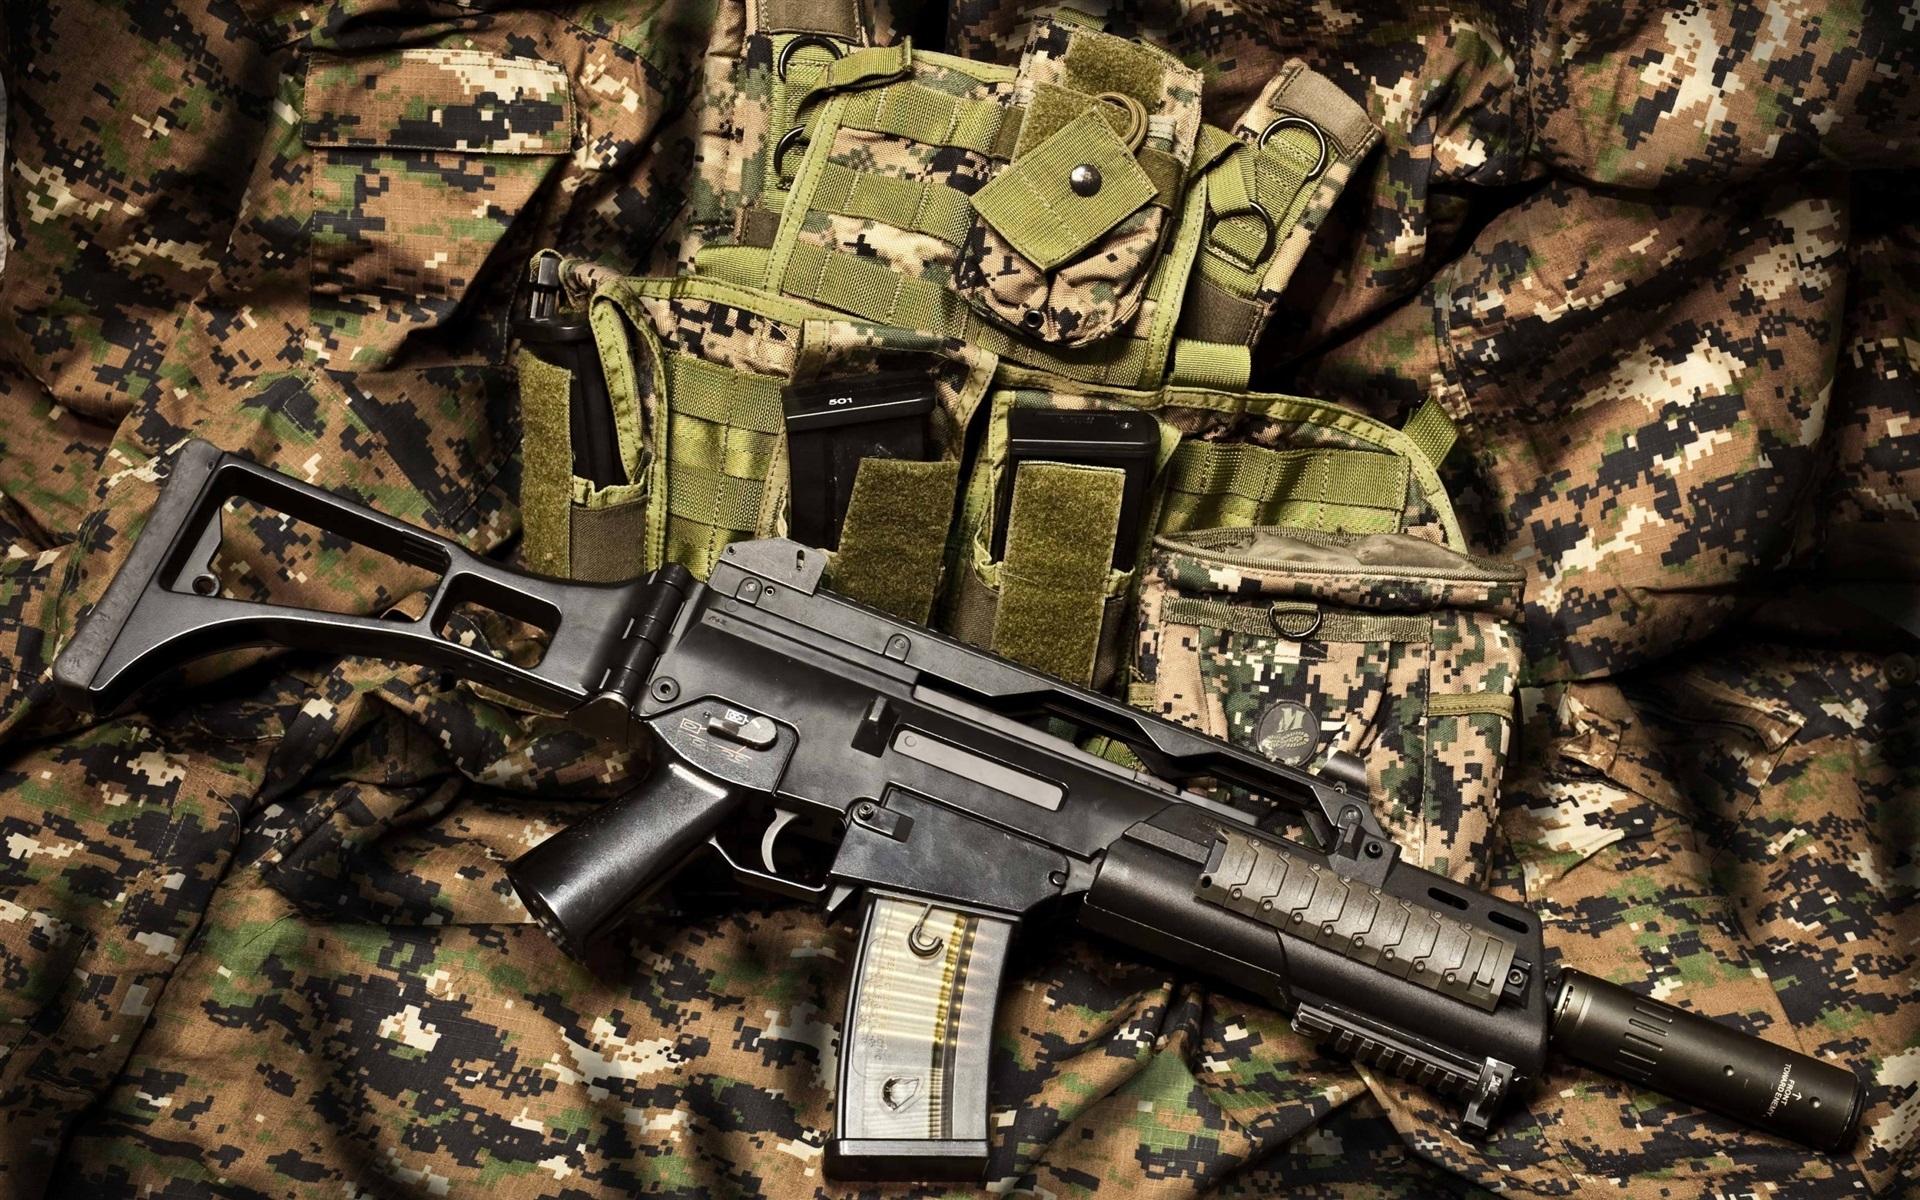 壁纸 自动步枪,武器 2880x1800 HD 高清壁纸, 图片, 照片